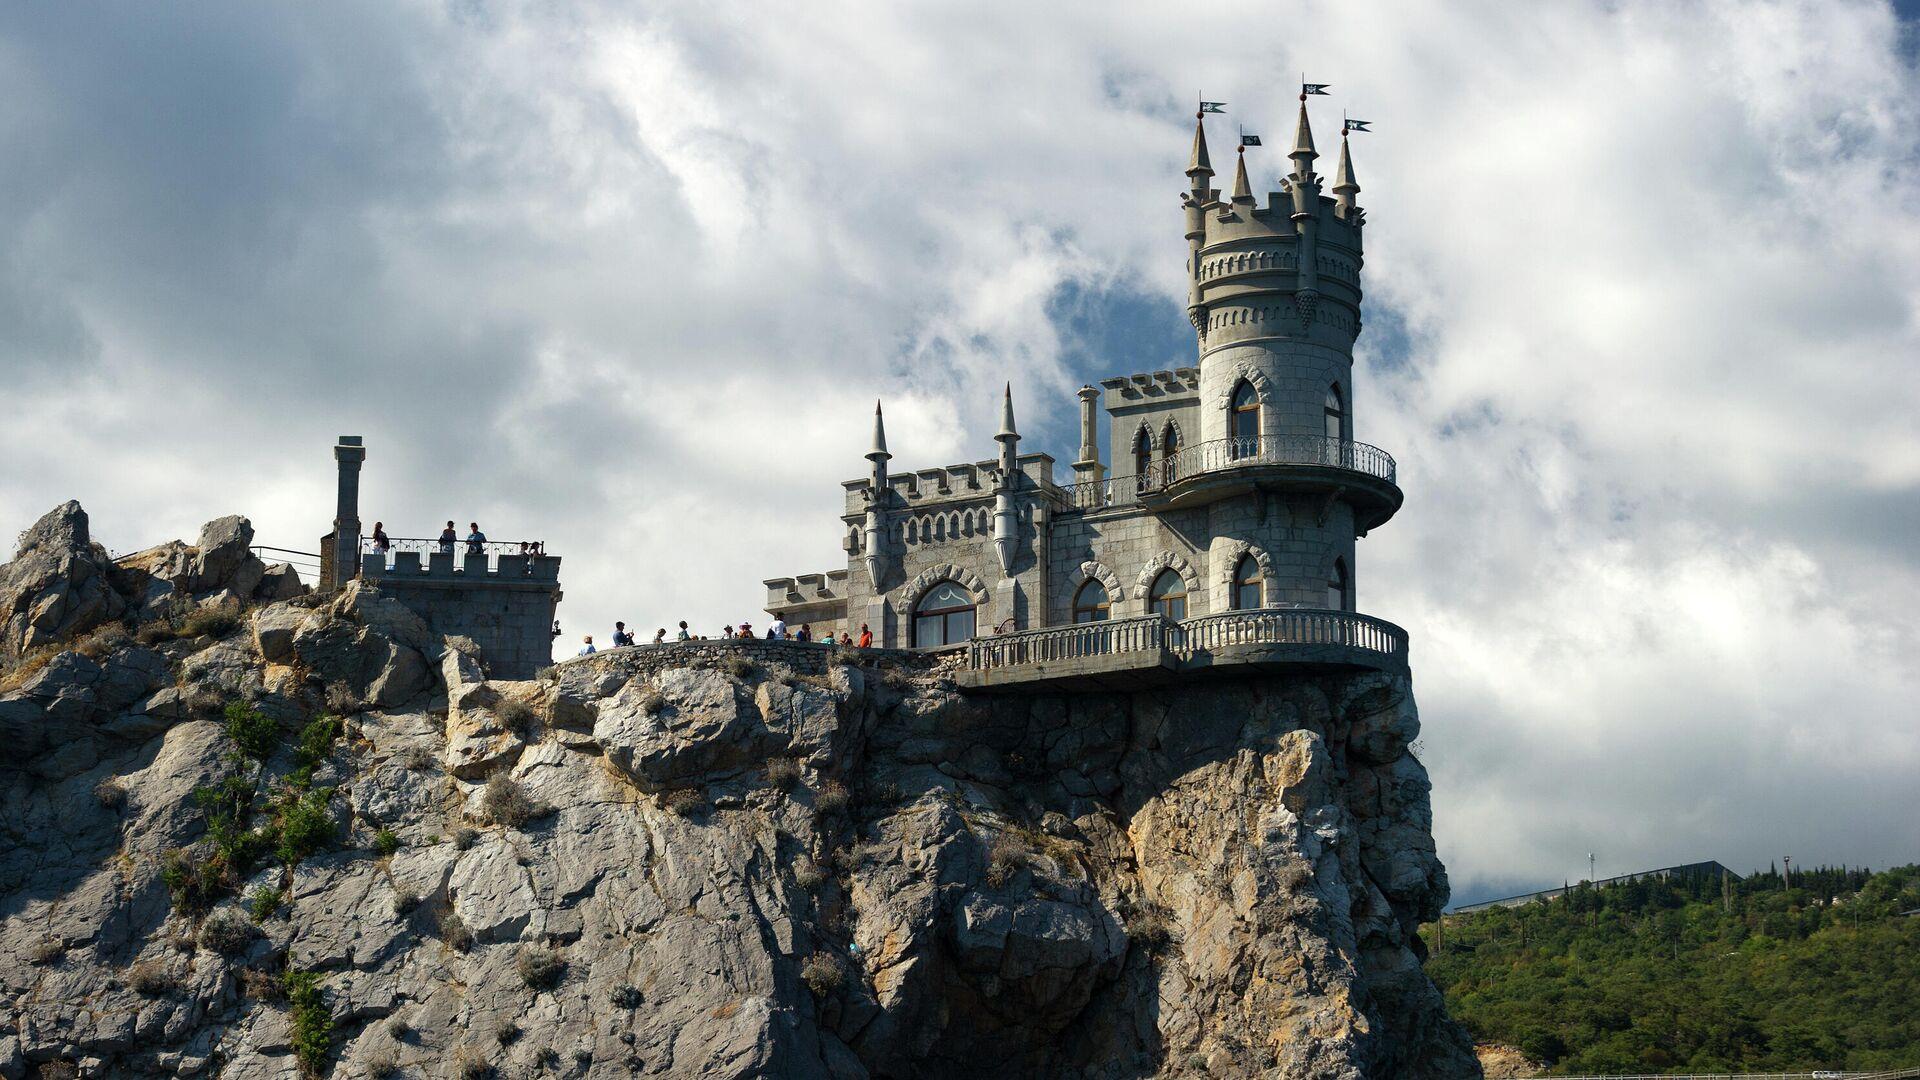 Замок Ласточкино гнездо на береговой скале в поселке Гаспра в Крыму - РИА Новости, 1920, 20.11.2020